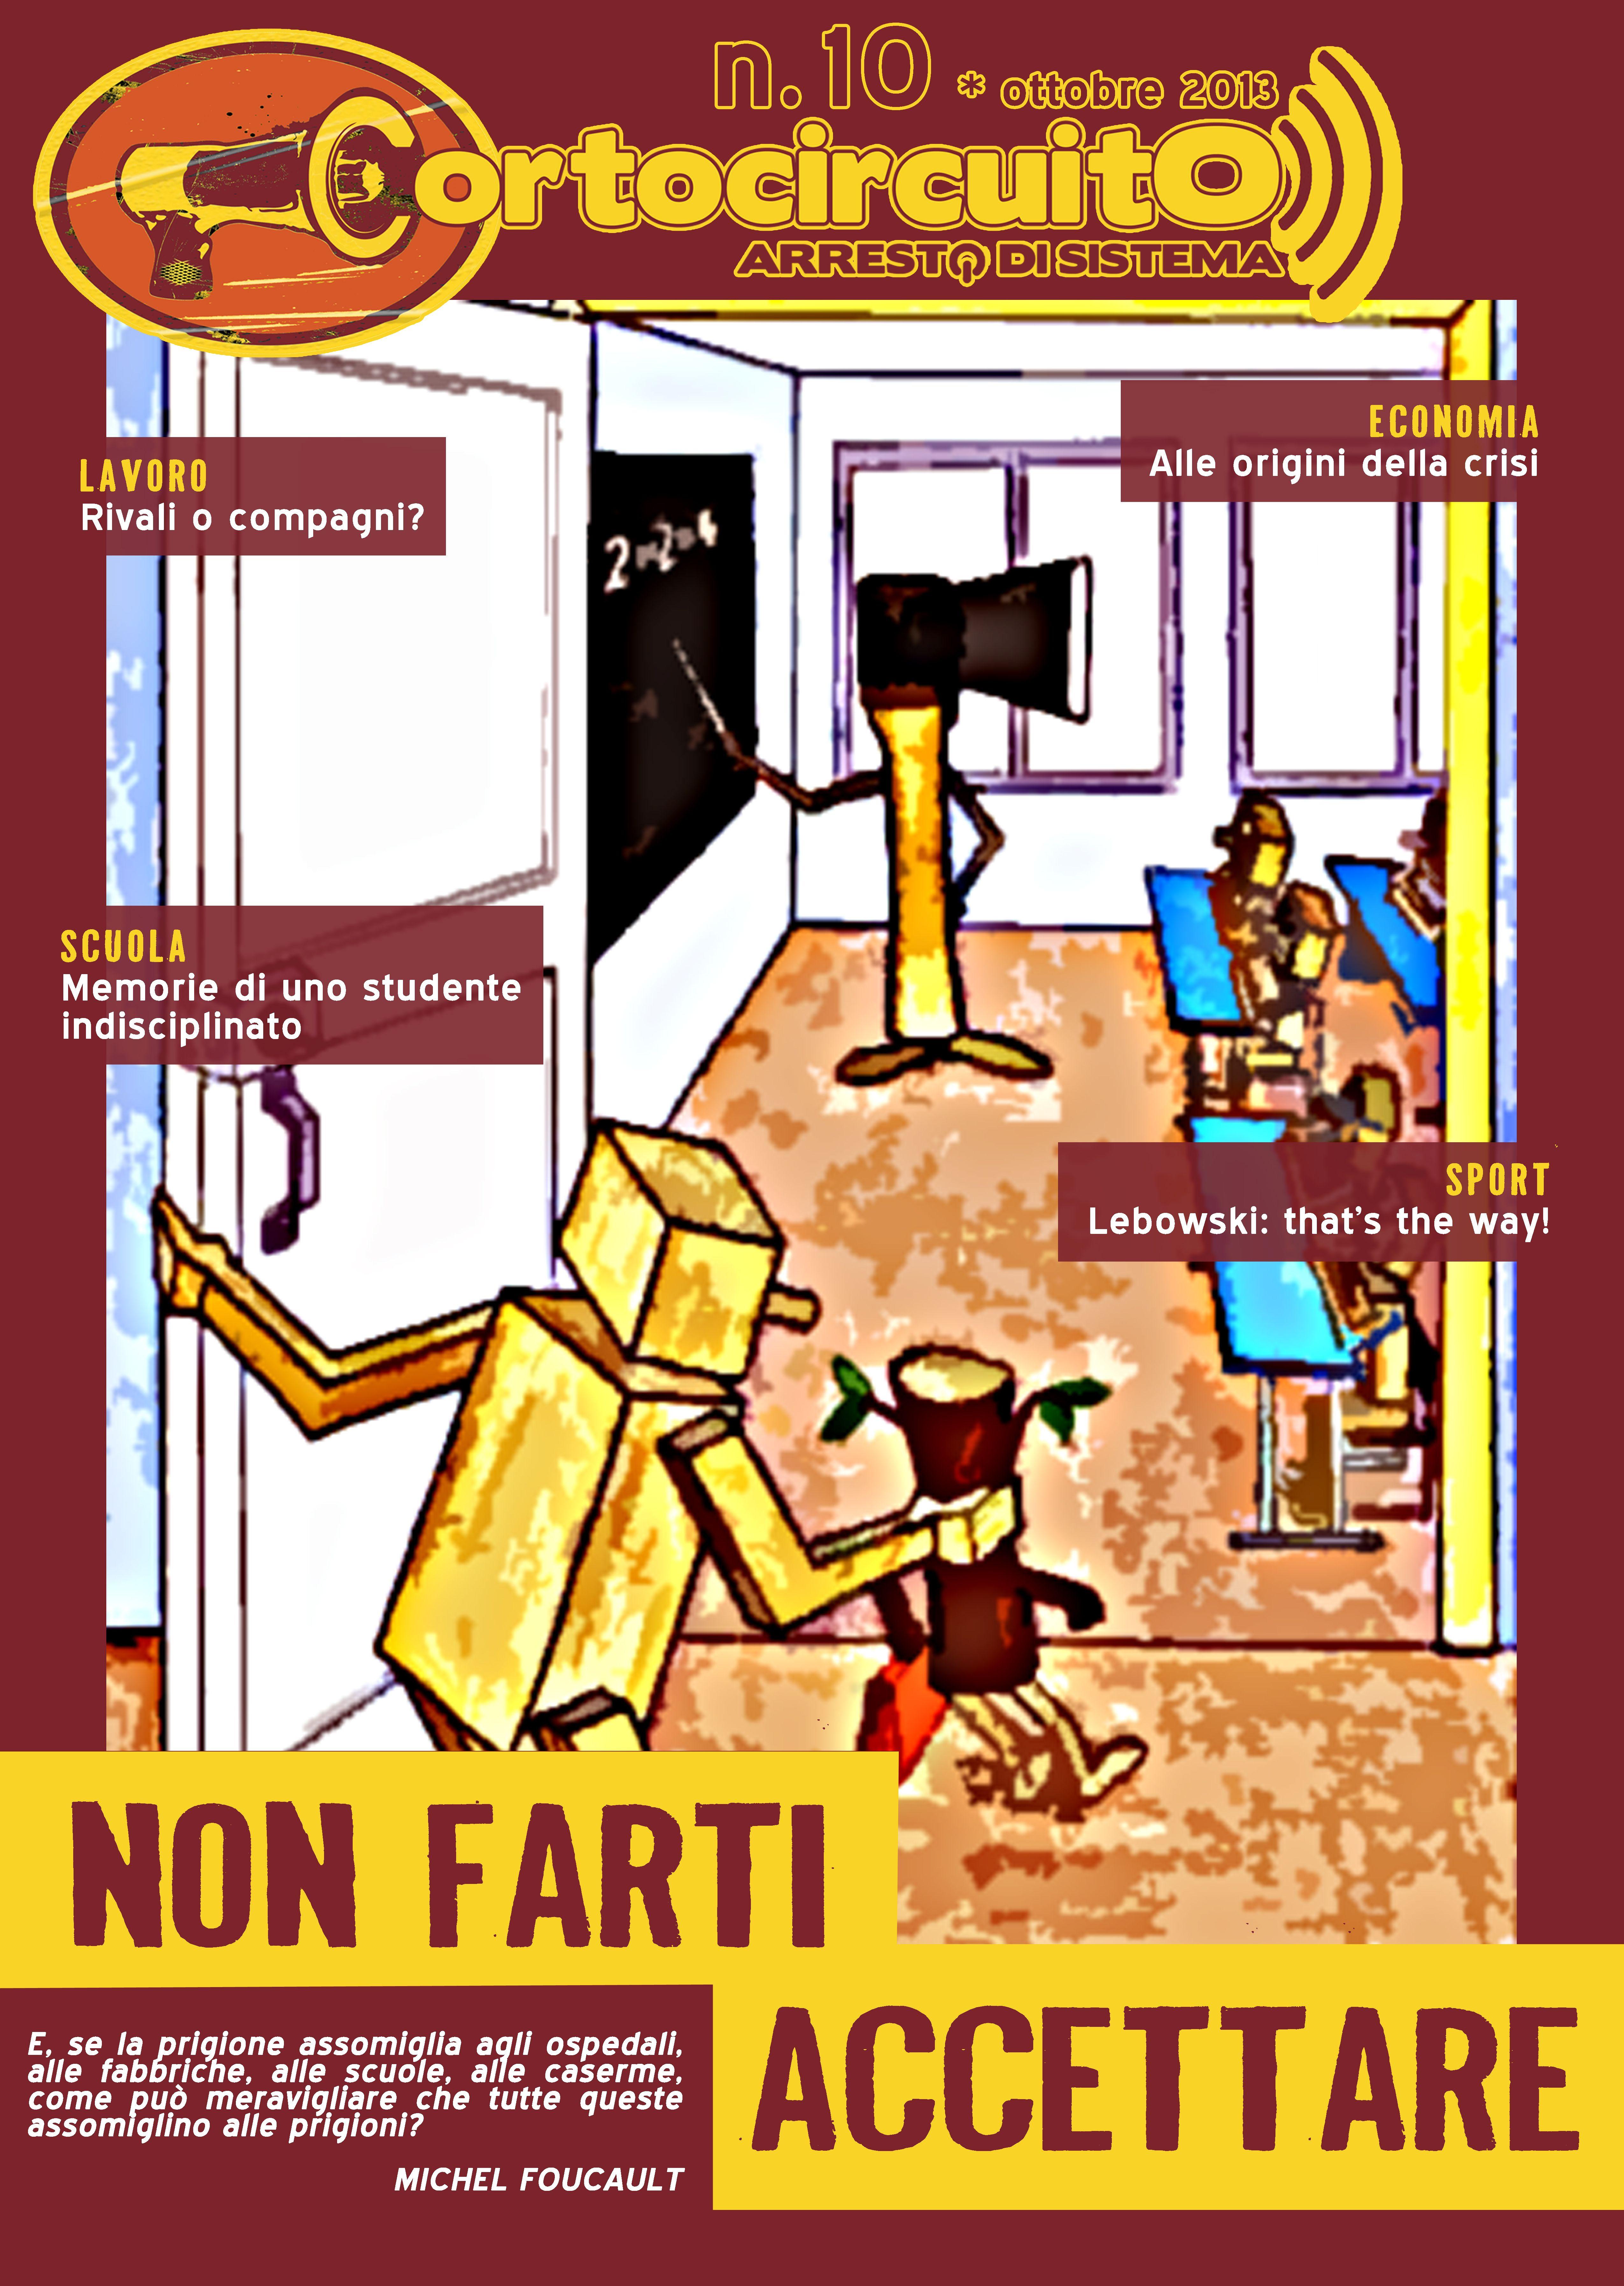 Pin Di Cortocircuito Firenze Su Giornale Cartaceo Giornale Memorie E Scuola